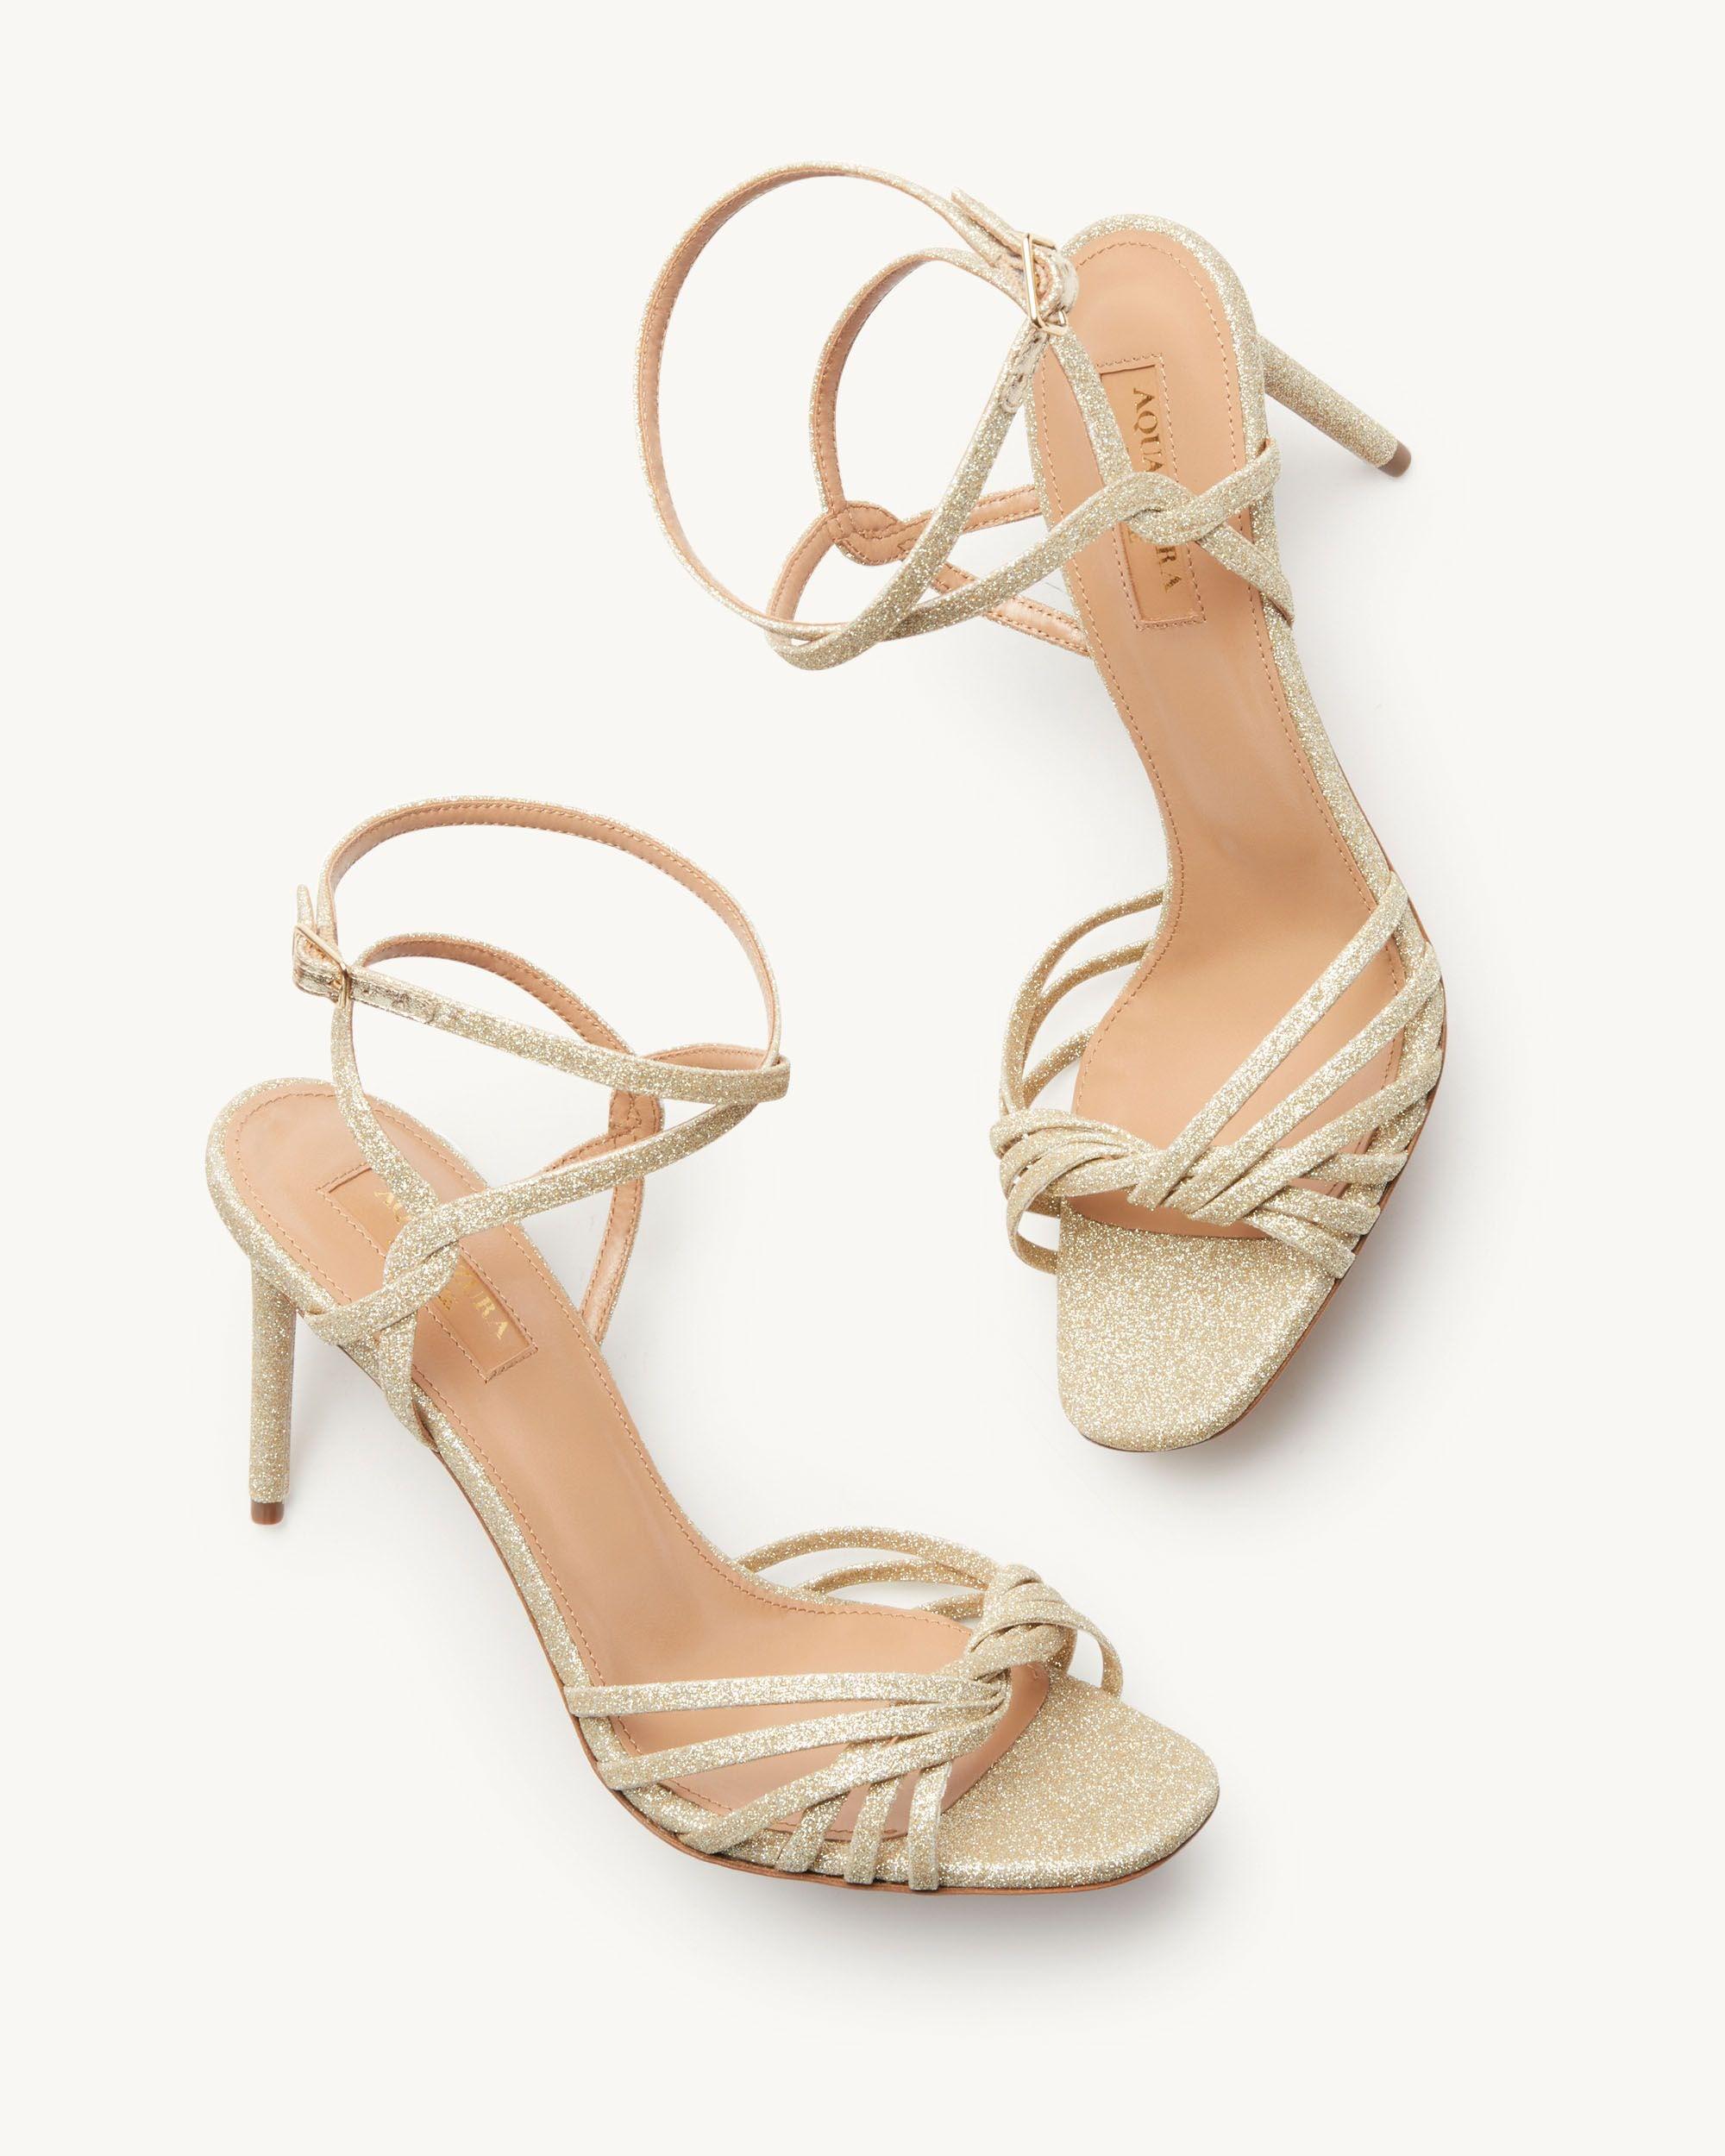 I sandali May 85 presentano un raffinato gioco di intrecci che valorizza la punta, il tallone e il cinturino alla caviglia.